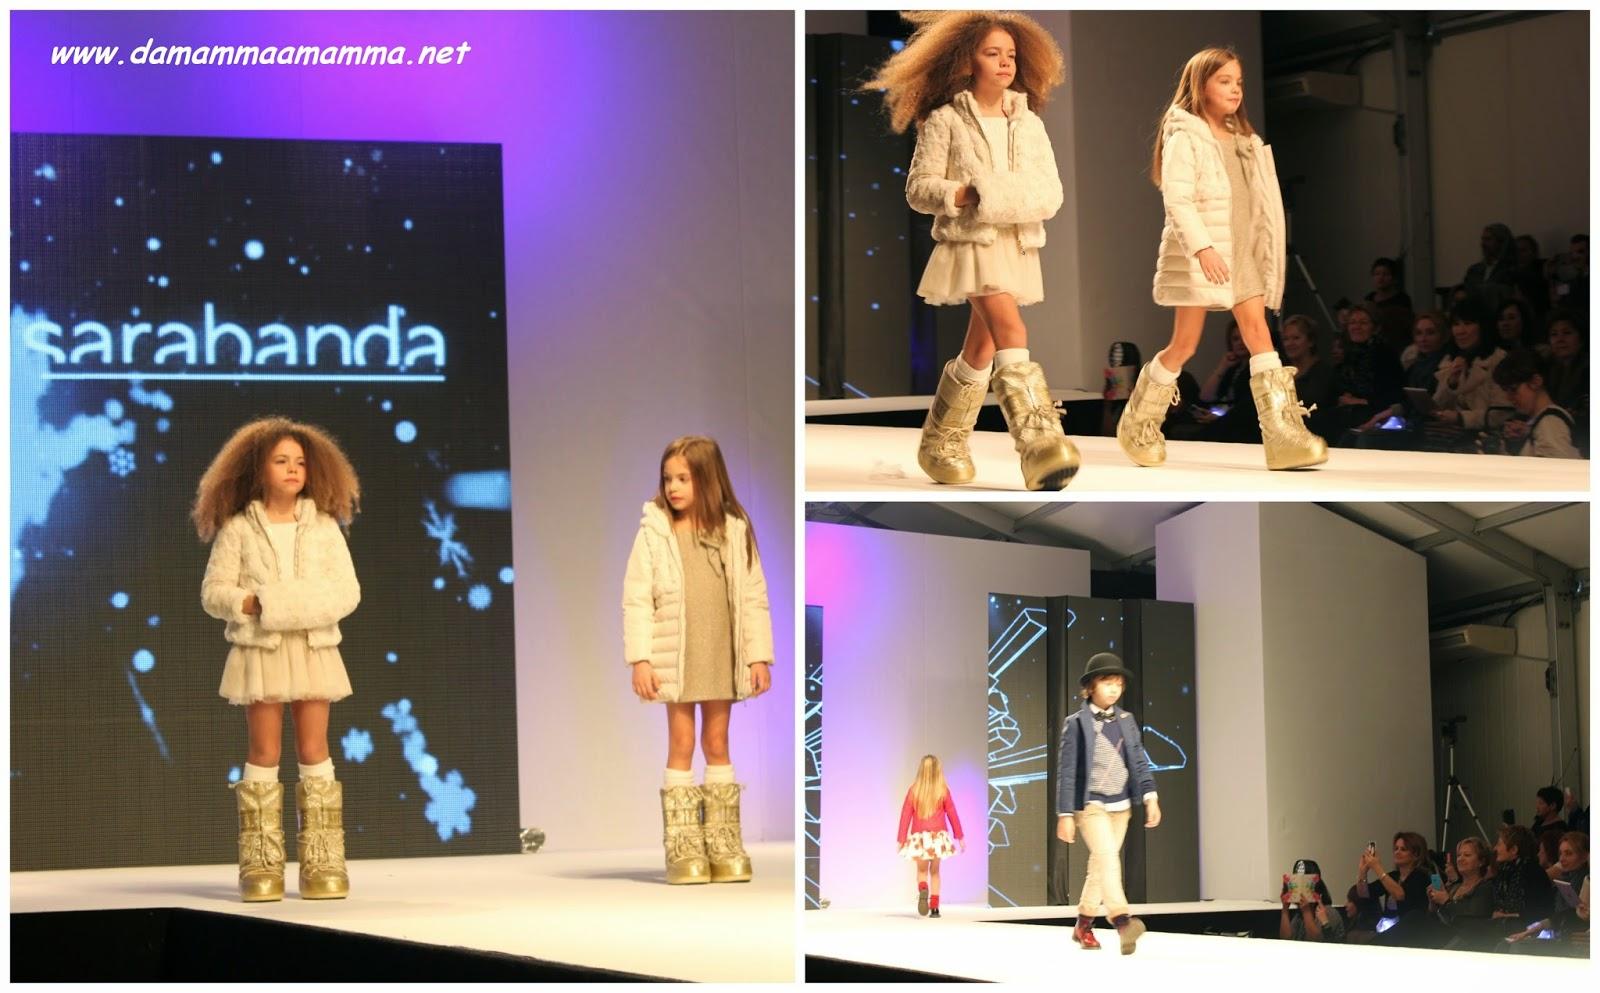 Sfilata-Sarabanda-nuova-collezione-A-I-2015-2016